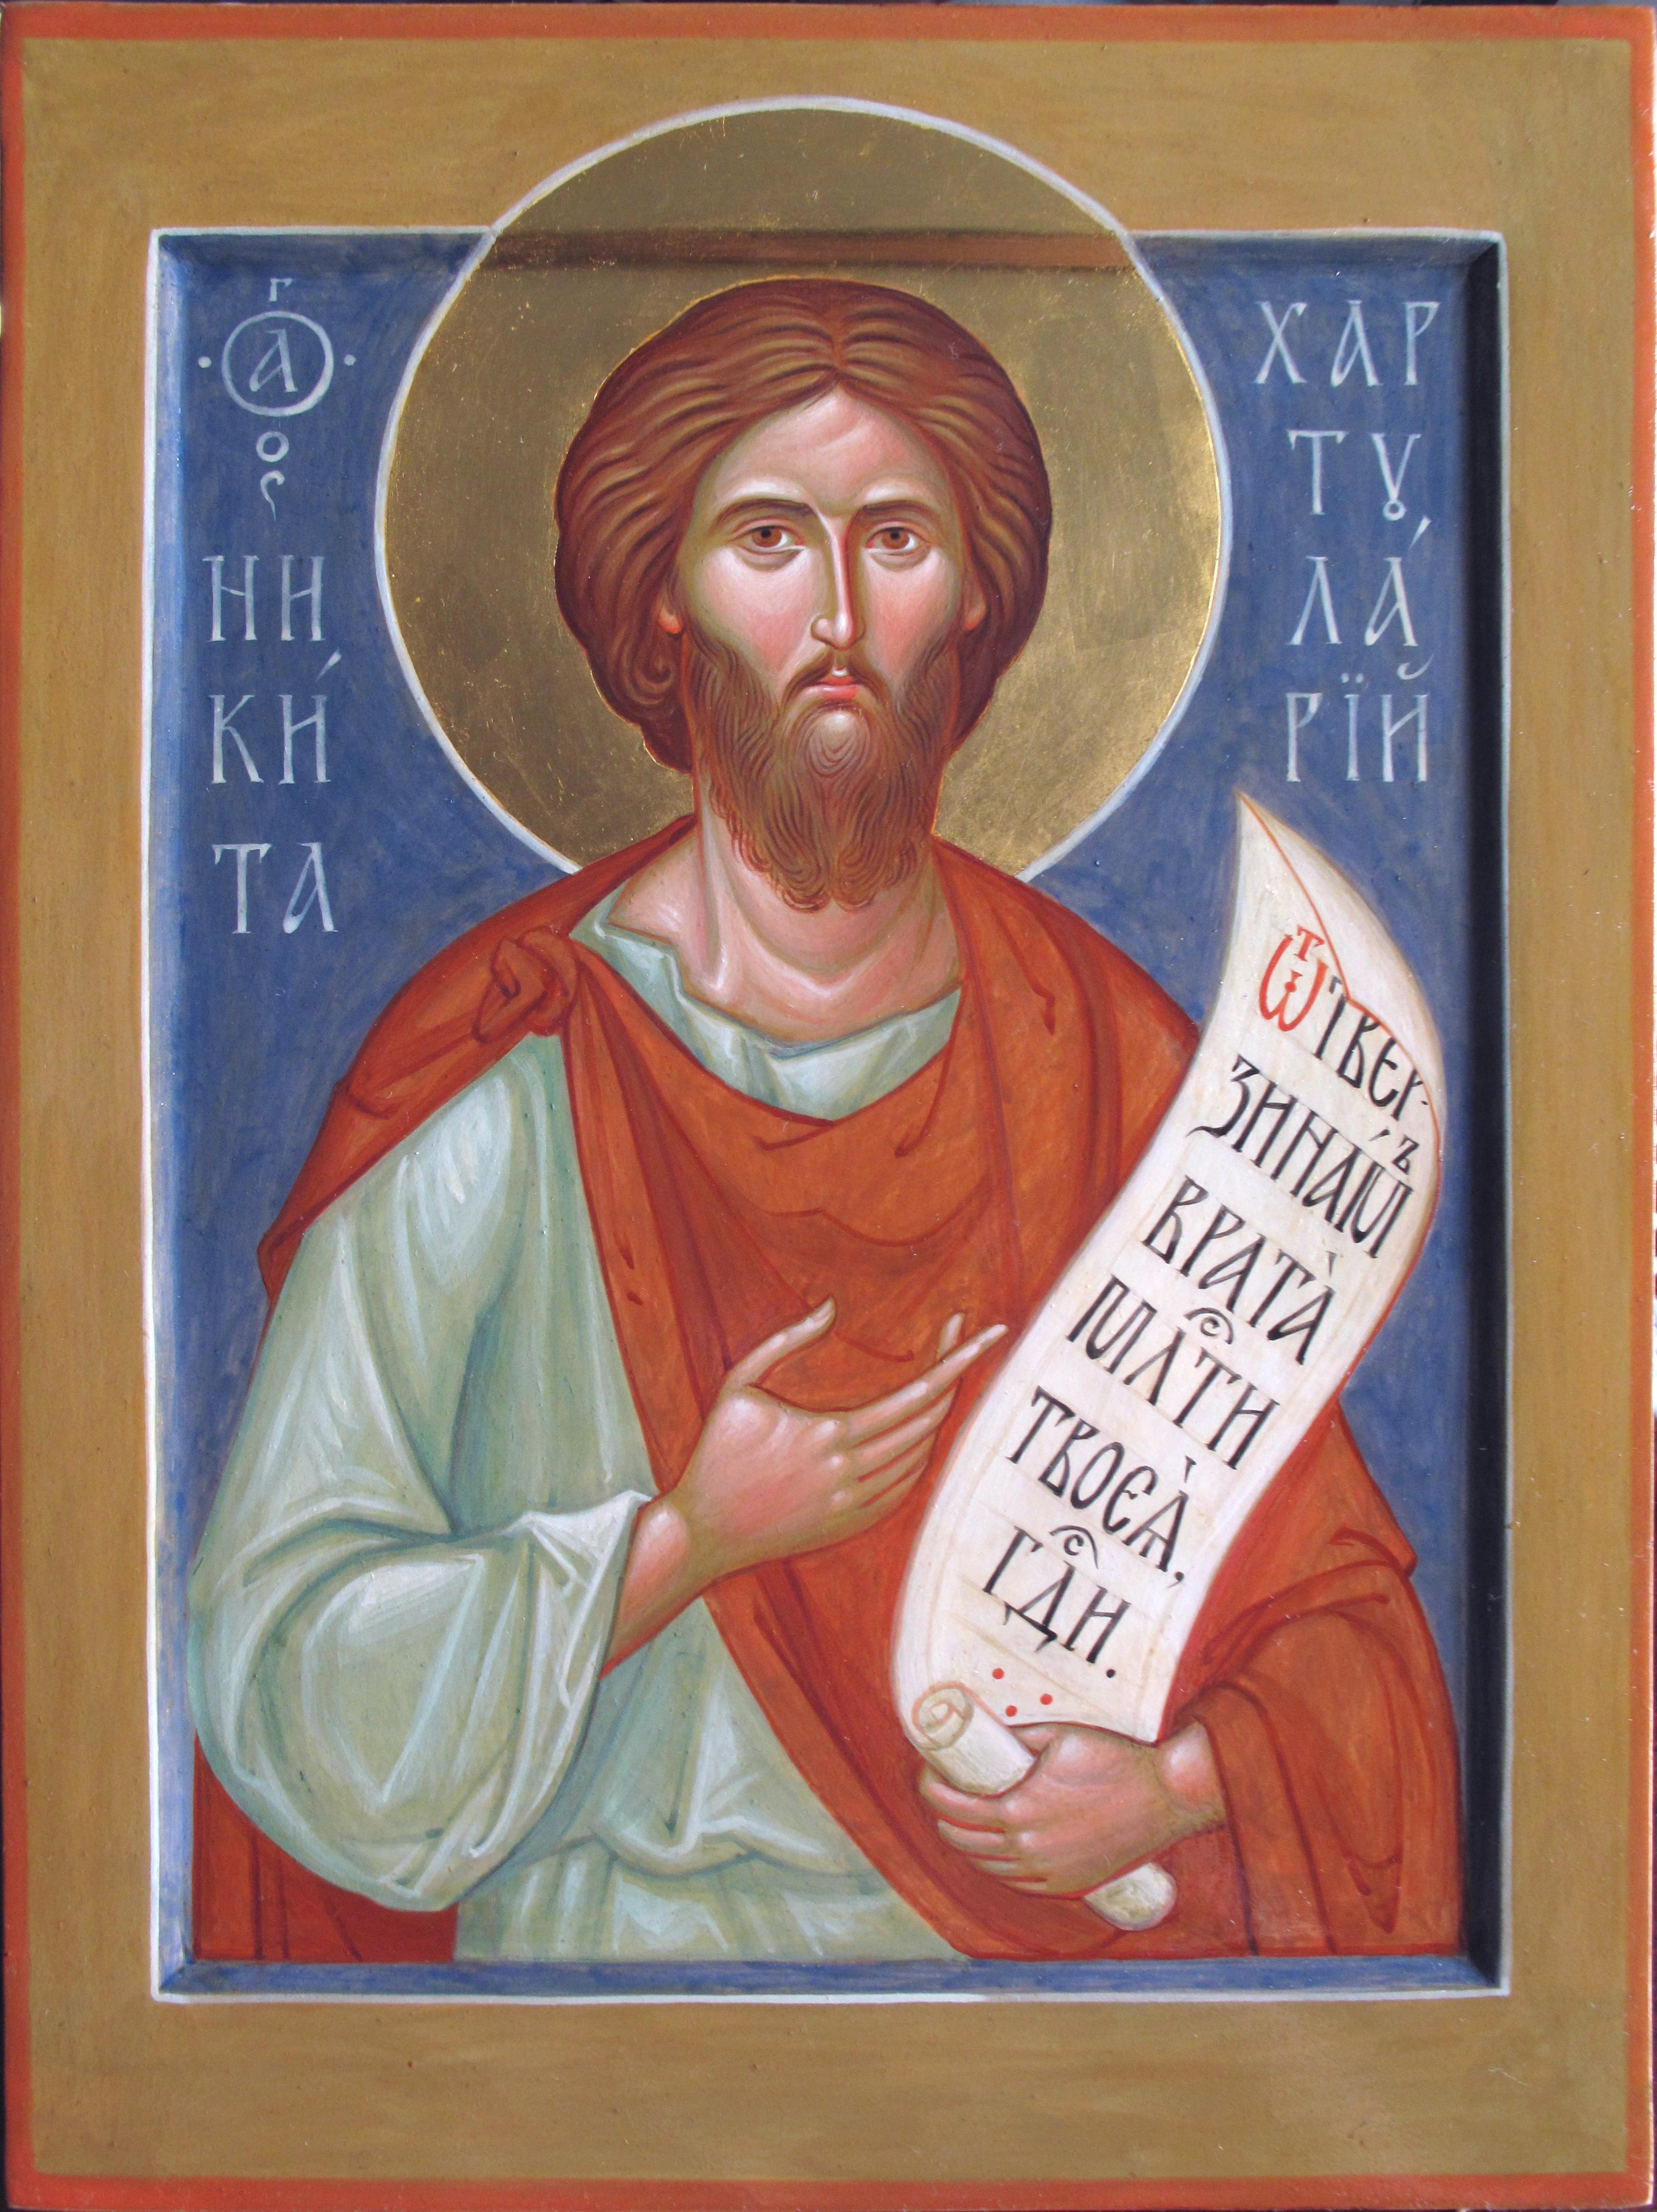 Святой Блаженный Никита Константинопольский, Хартуларий. Иконописец Наталия Пискунова.